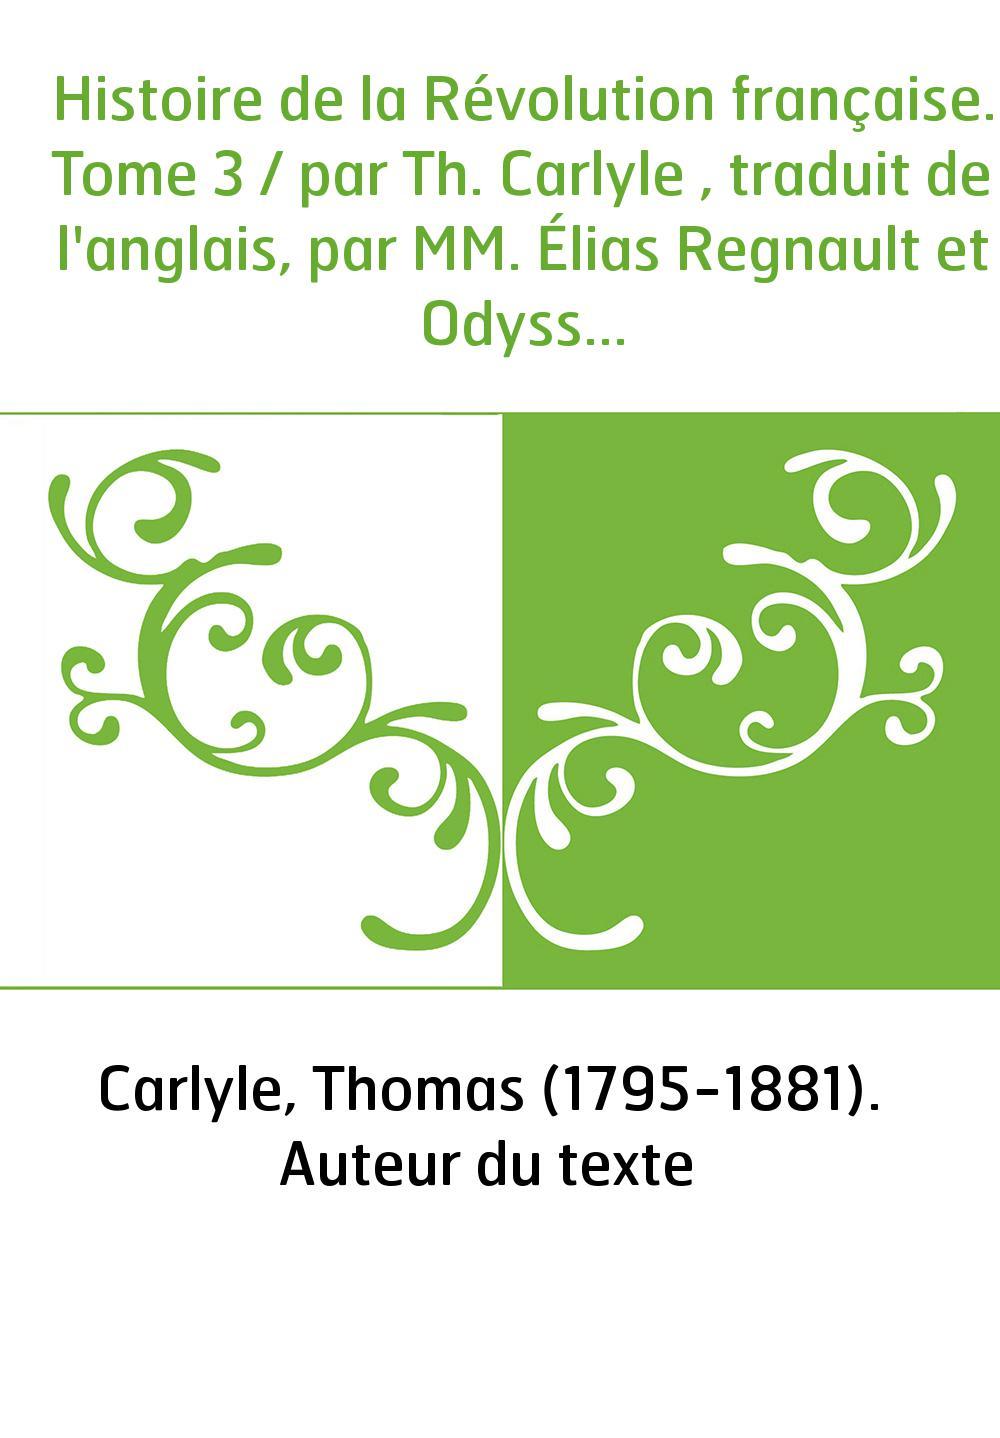 Histoire de la Révolution française. Tome 3 / par Th. Carlyle , traduit de l'anglais, par MM. Élias Regnault et Odysse Barot [pa